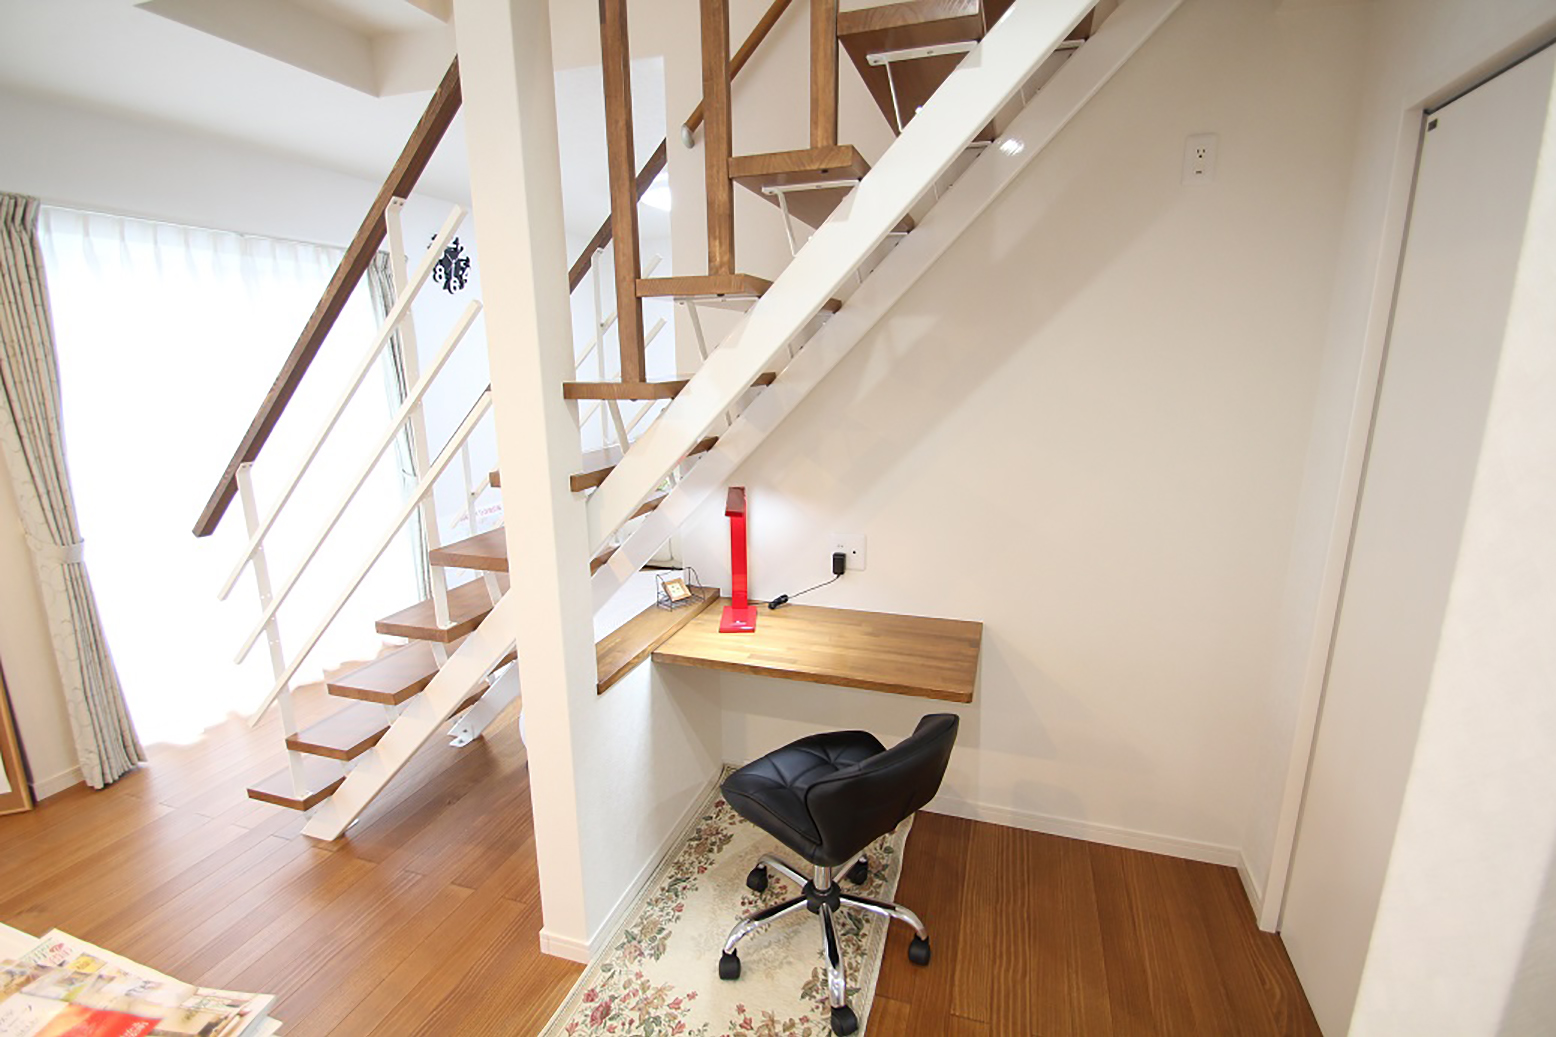 弊社オリジナルのスケルトン階段です。おしゃれで大変人気です。階段下にはパソコンでインターネットが出来るカウンタースペースがもうけられています。